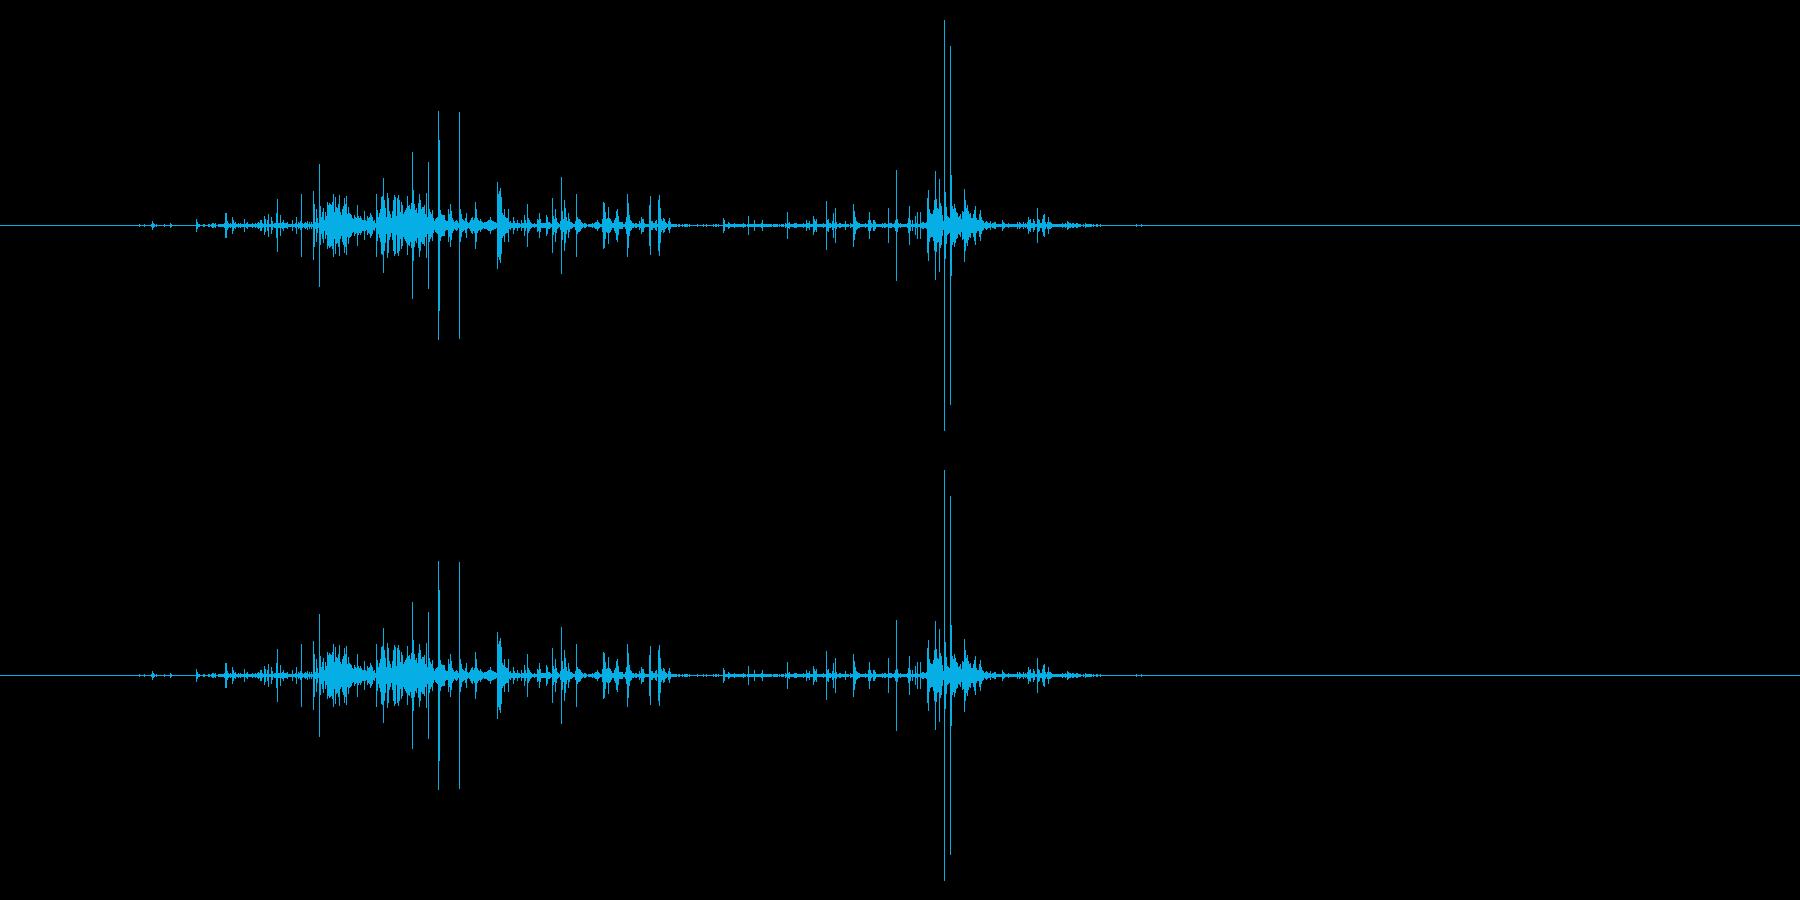 モンスターの口が開くような音2の再生済みの波形